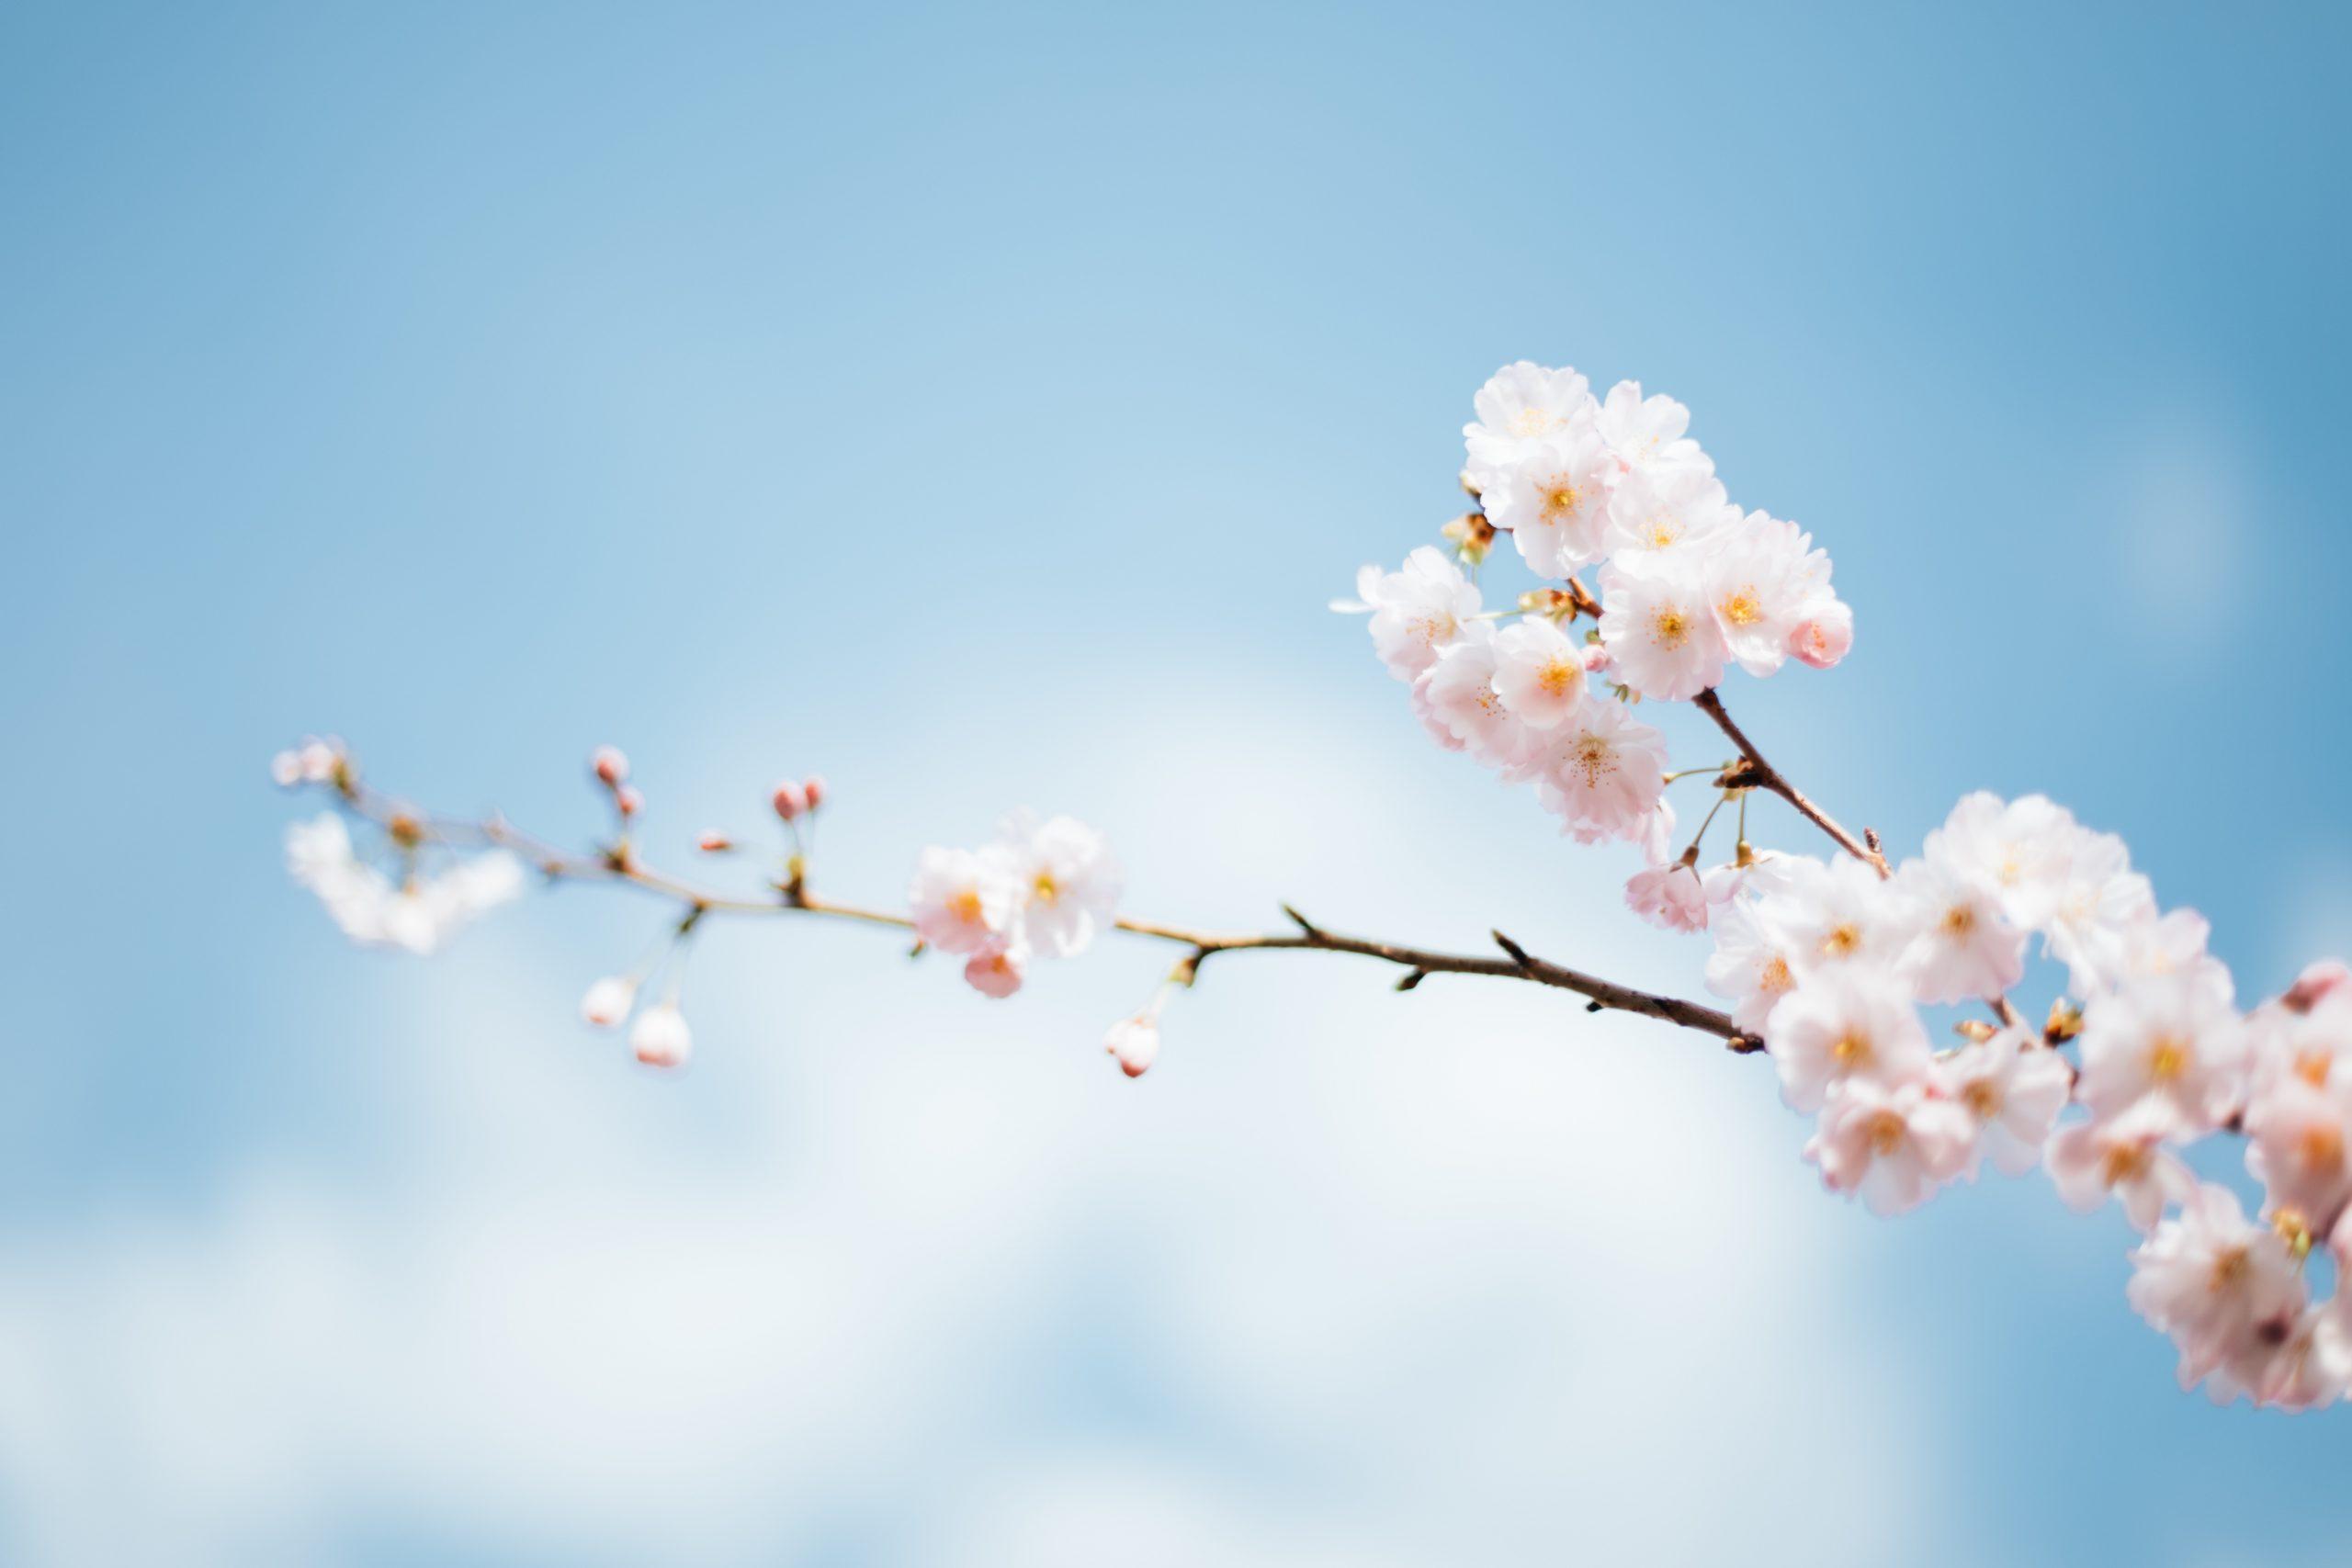 Fraulichkeit nachhaltige Veränderungen Gewohnheiten erfolgreich ändern innerer Frühling innere Jahreszeiten Phasen weiblicher Zyklus